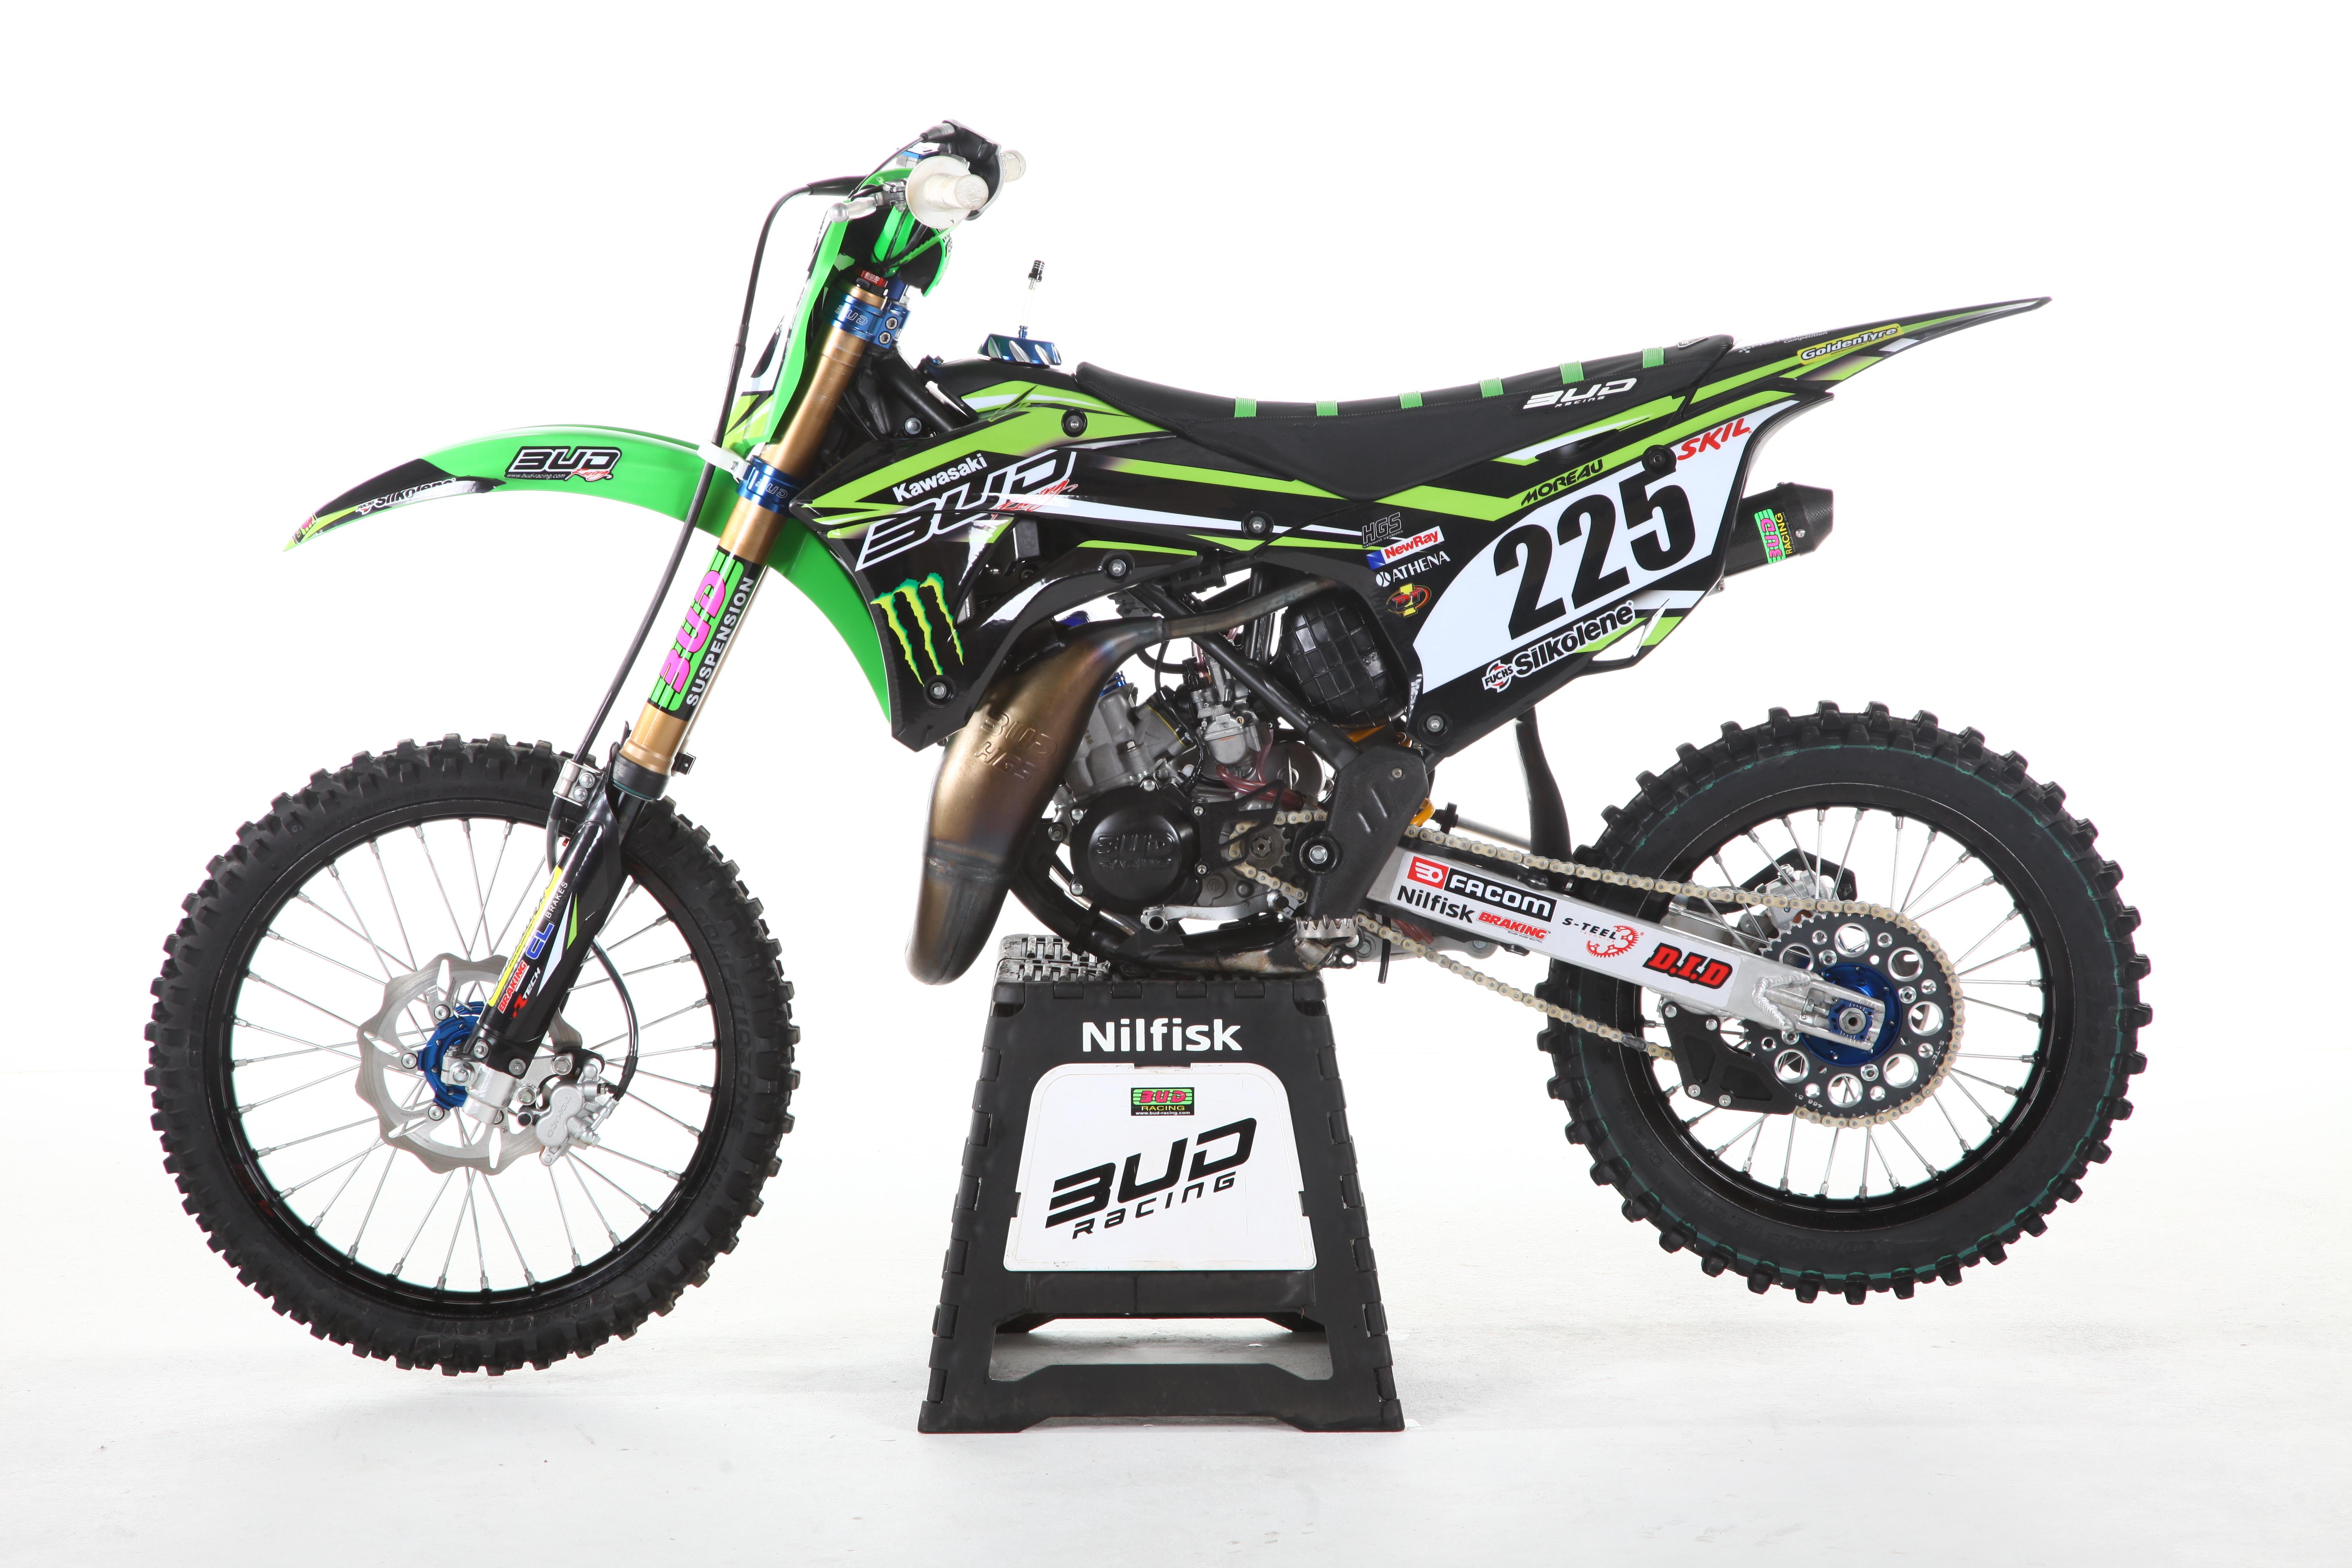 85 KX 15 GB - Bud Racing USA